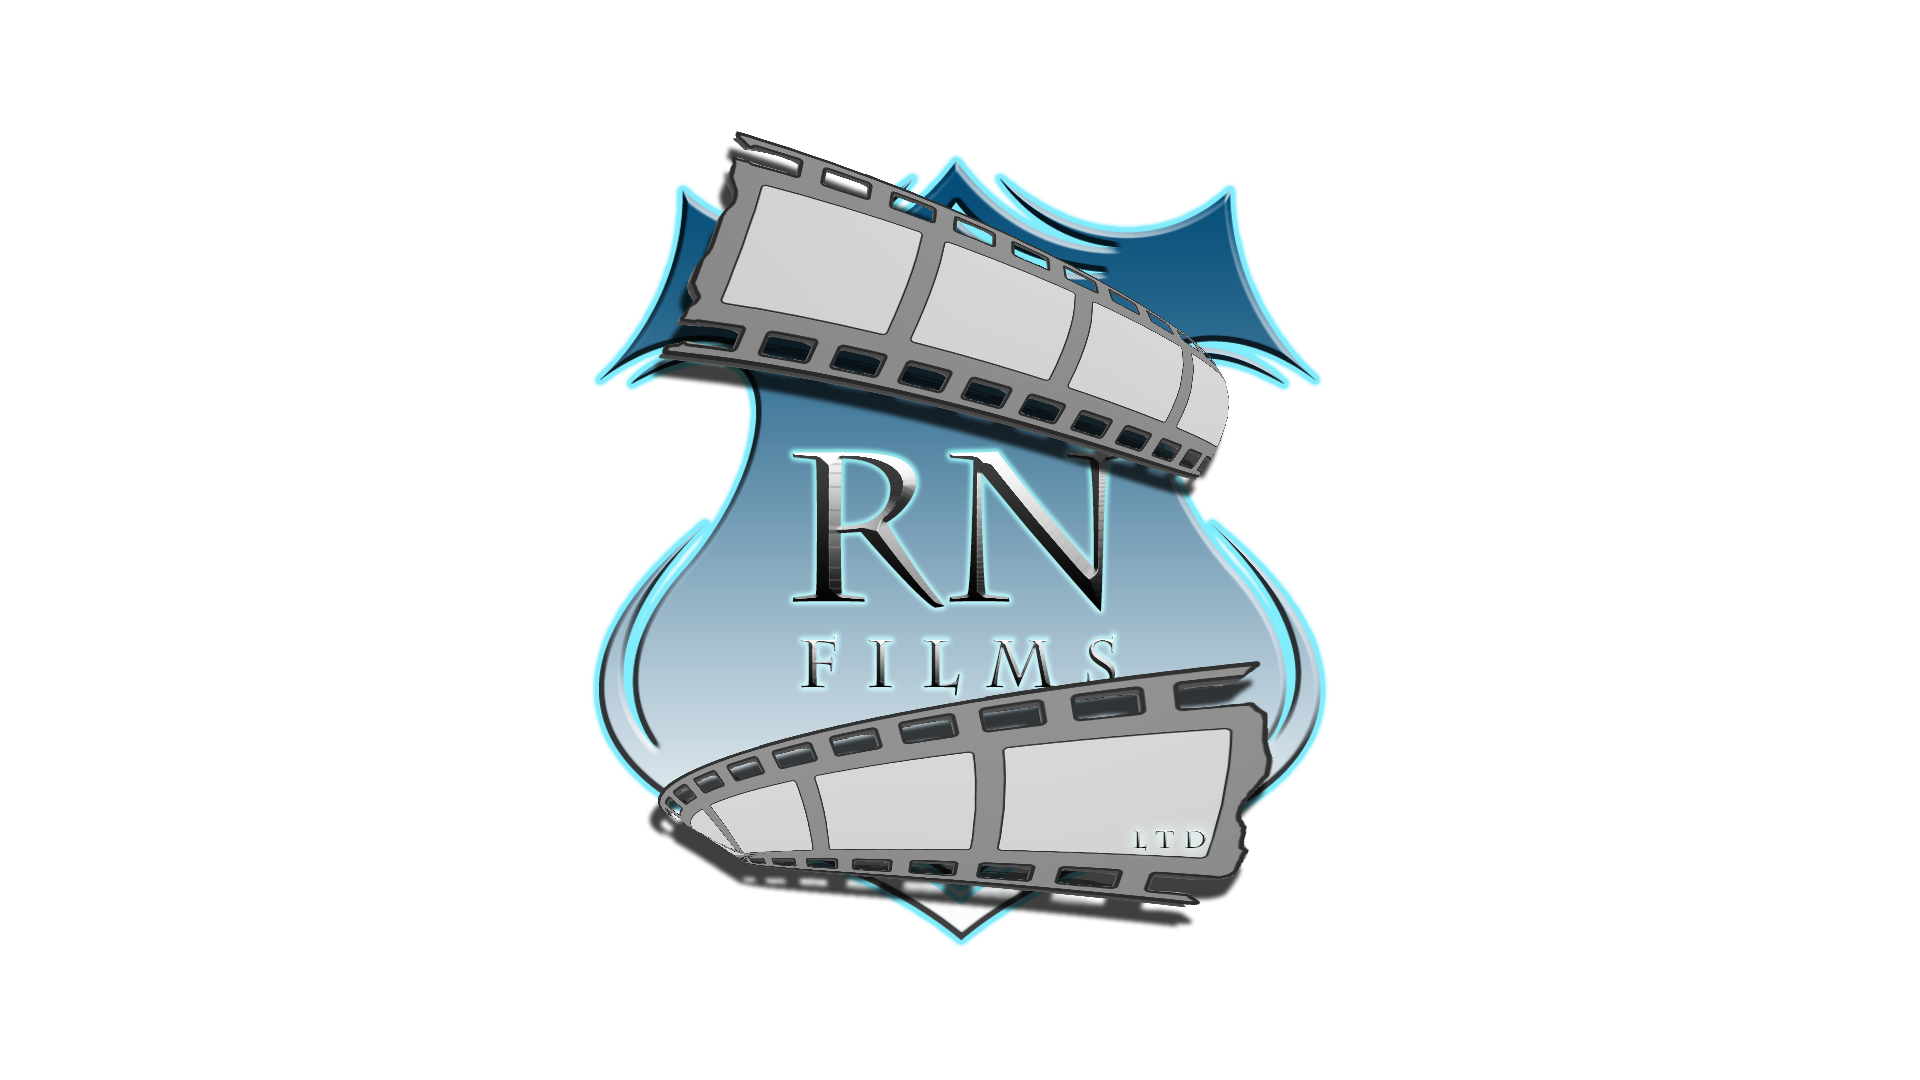 RN Films Ltd.